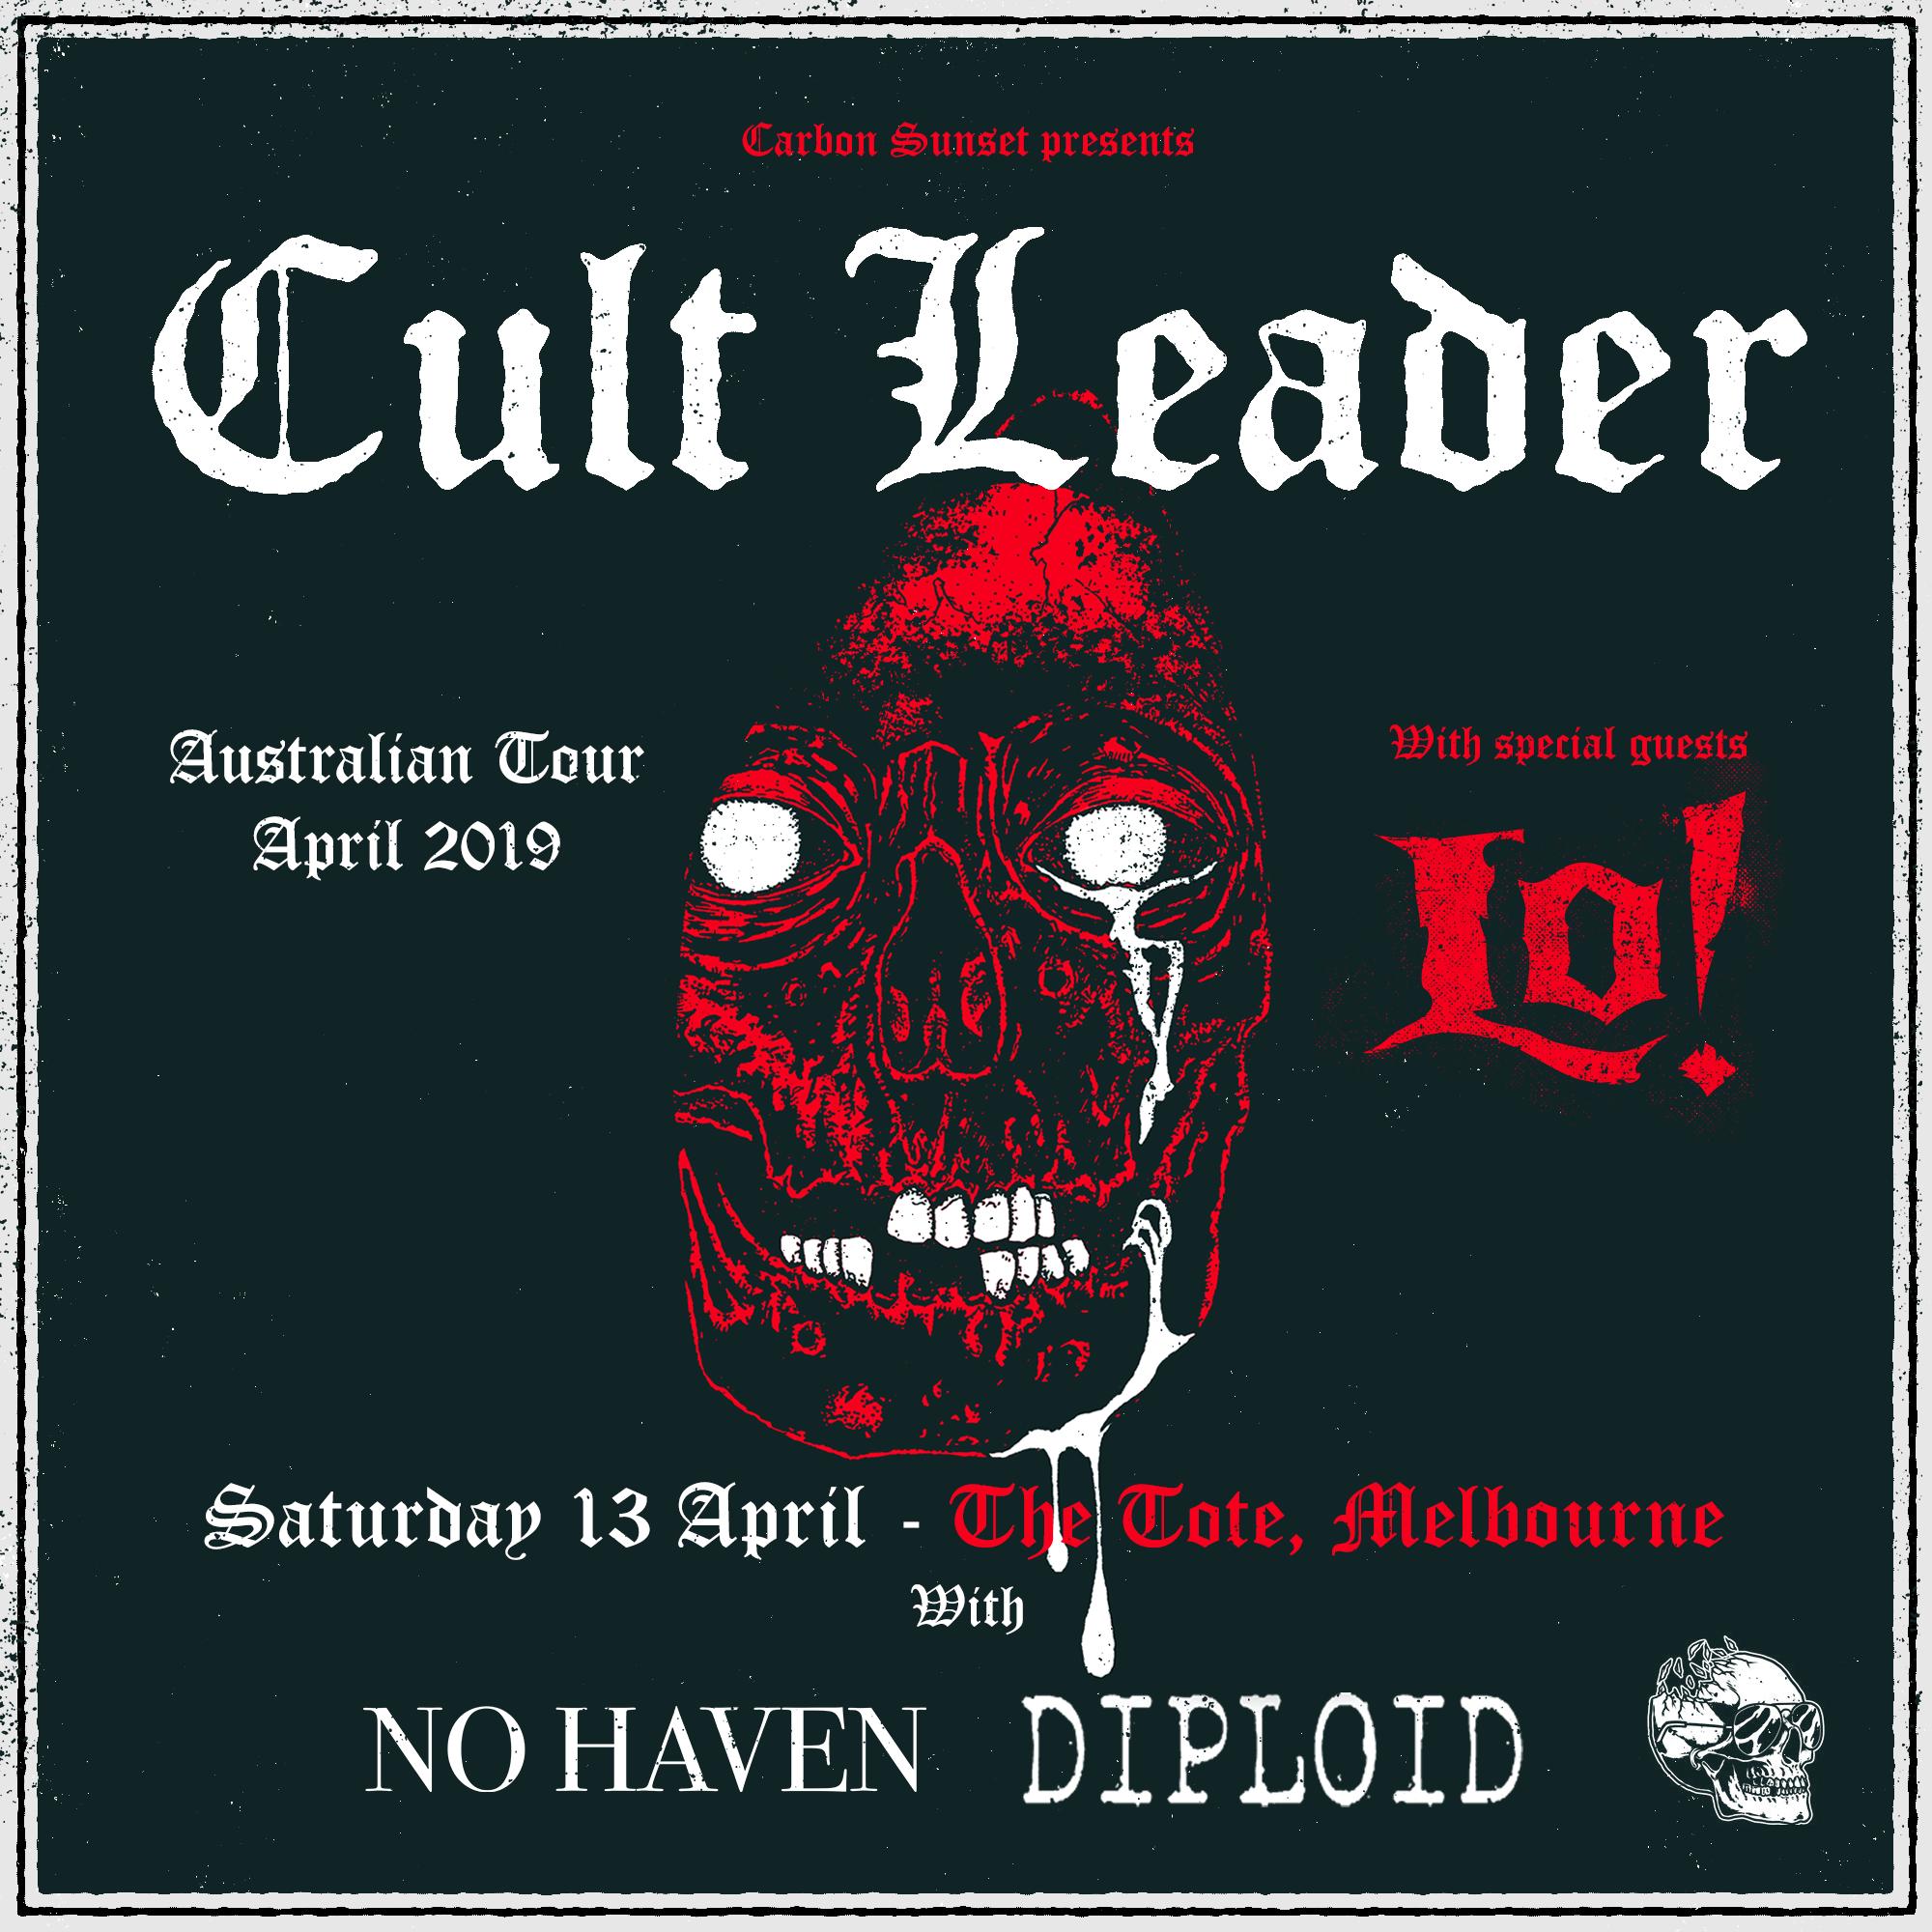 cultleader_2019-SQUARE_MELB.png